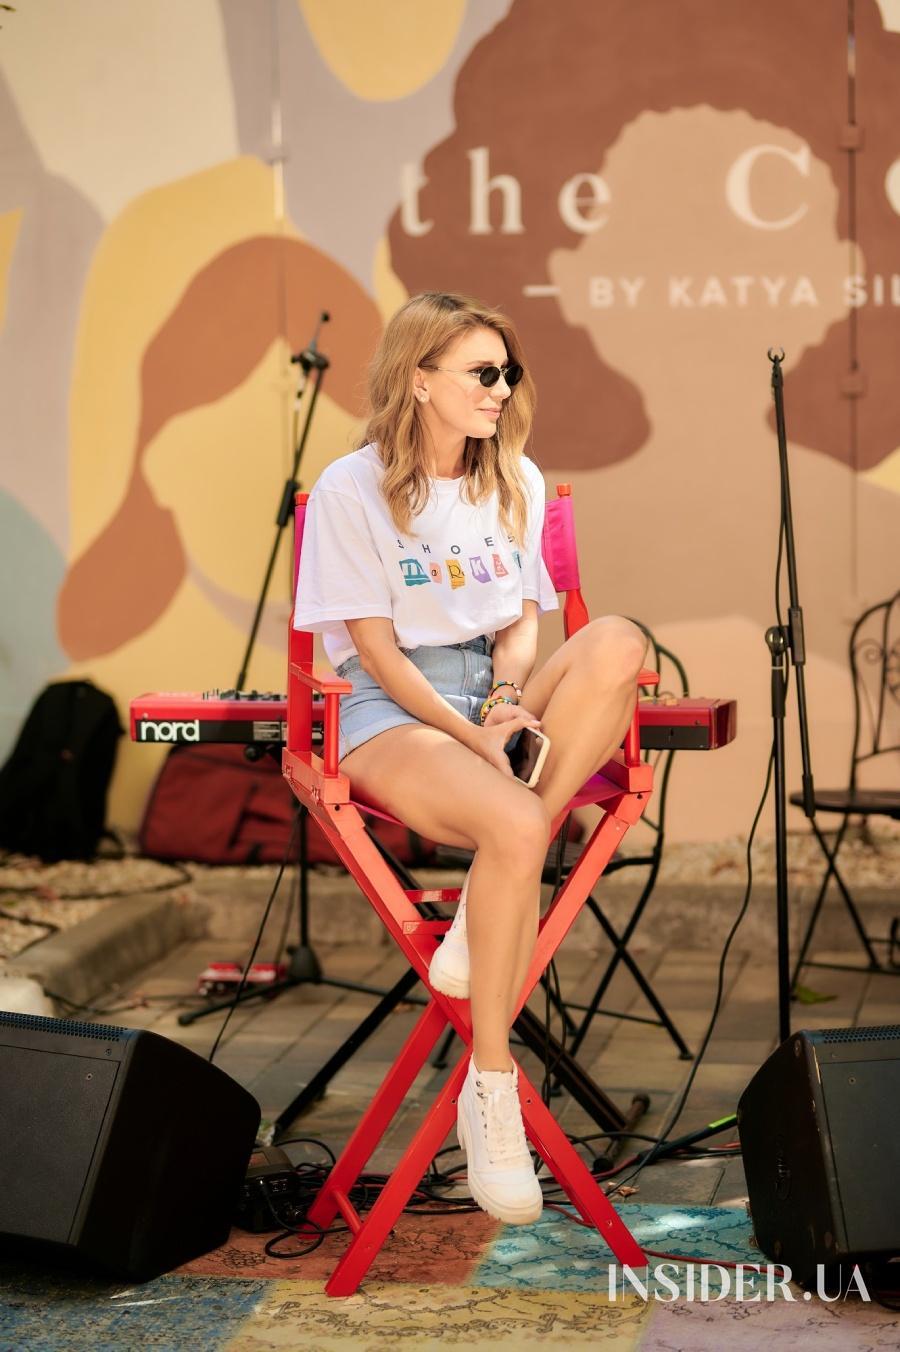 Найти пару: Катя Сильченко провела благотворительный Shoes Market